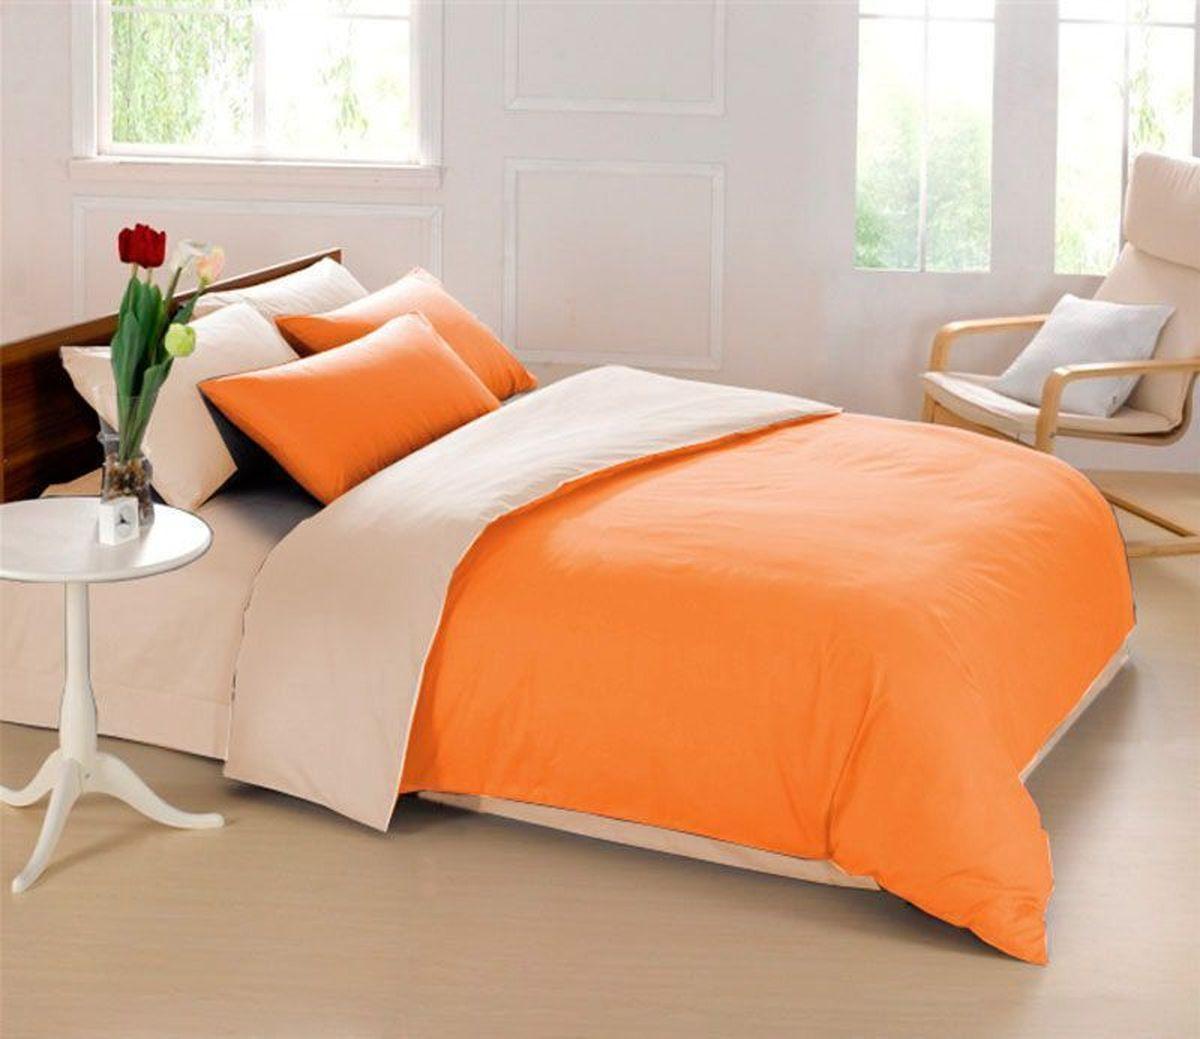 Постельное белье Sleep iX Perfection, семейный, цвет: оранжевый, бежевыйpva215421Известно, что цвет напрямую воздействует на психологическое и физическое состояние человека. Специально для наших покупателей мы внесли описание воздействия каждого цвета в комплекты постельного белья Perfection. Оранжевый – вызывает ощущение теплоты, бодрости, веселья, создает хорошее настроение. Оранжевый омолаживает, возбуждает аппетит, способствует оптимистическому настрою и гармонии с окружающей средой. Бежевый – обладает внутренней теплотой, заряжает положительной энергетикой и способствует формированию душевной гармонии. Человек ощущает себя в окружении бежевого цвета очень спокойно. Производитель: Sleep iX Материал: Микрофреш (100 г/м2) Состав материала: 100% микрофибра Размер: Семейное (2 пододеял.) Размер пододеяльника: 150х220 см Тип застежки на пододеяльнике: Молния (100 см) Размер простыни: 220х240 (обычная) Размер наволочек: 50х70 и 70х70 (по 2 шт) Тип застежки на наволочках: Клапан (20 см) Упаковка комплекта: Подарочная...